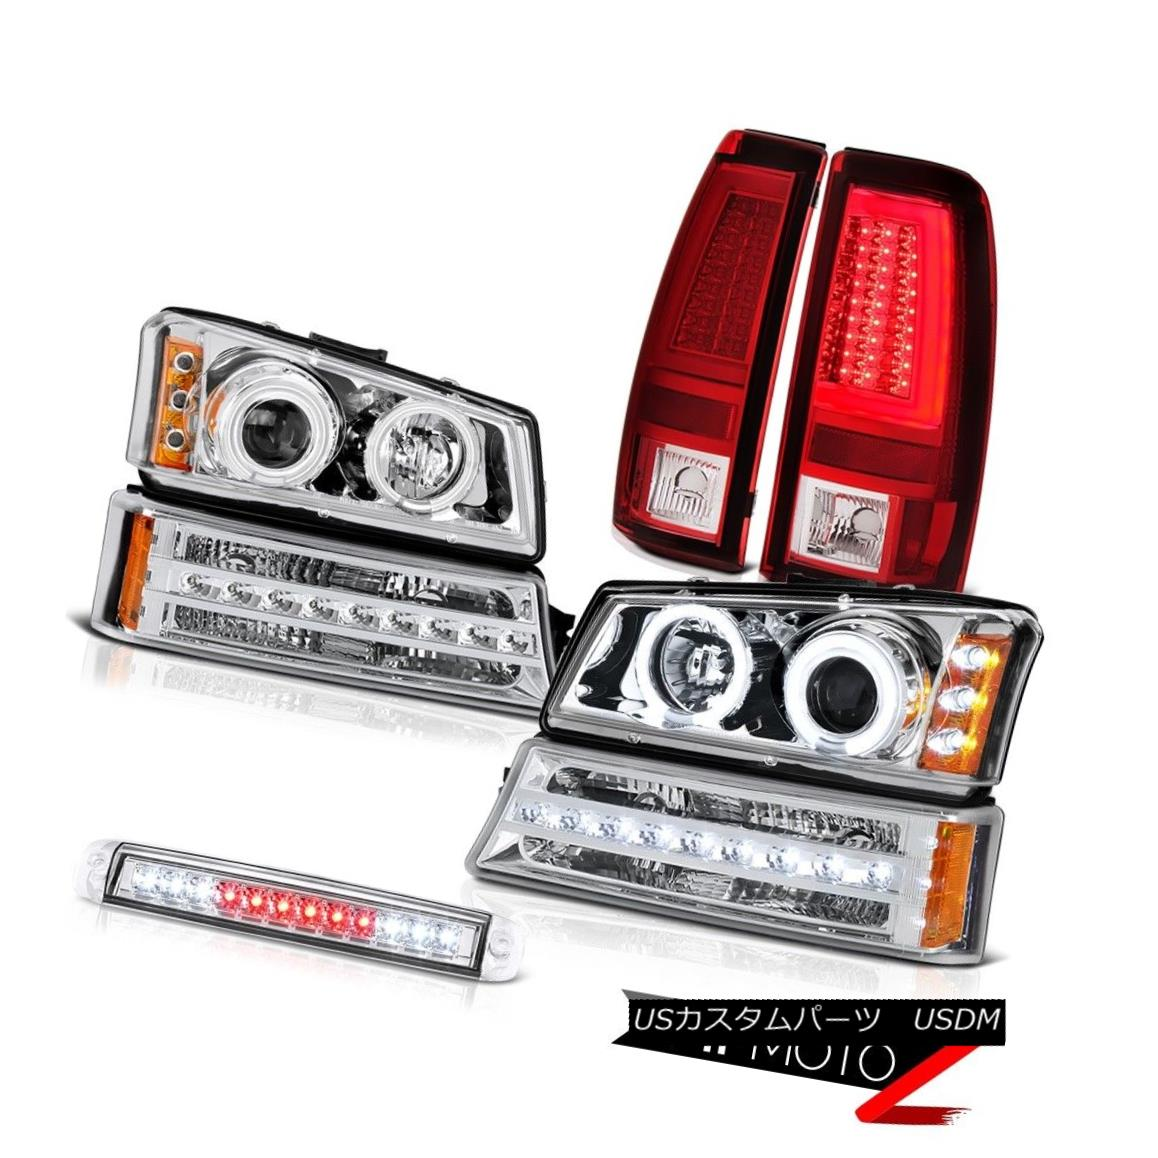 ヘッドライト 03-06 Silverado 3500Hd Taillamps High Stop Lamp Bumper Headlamps